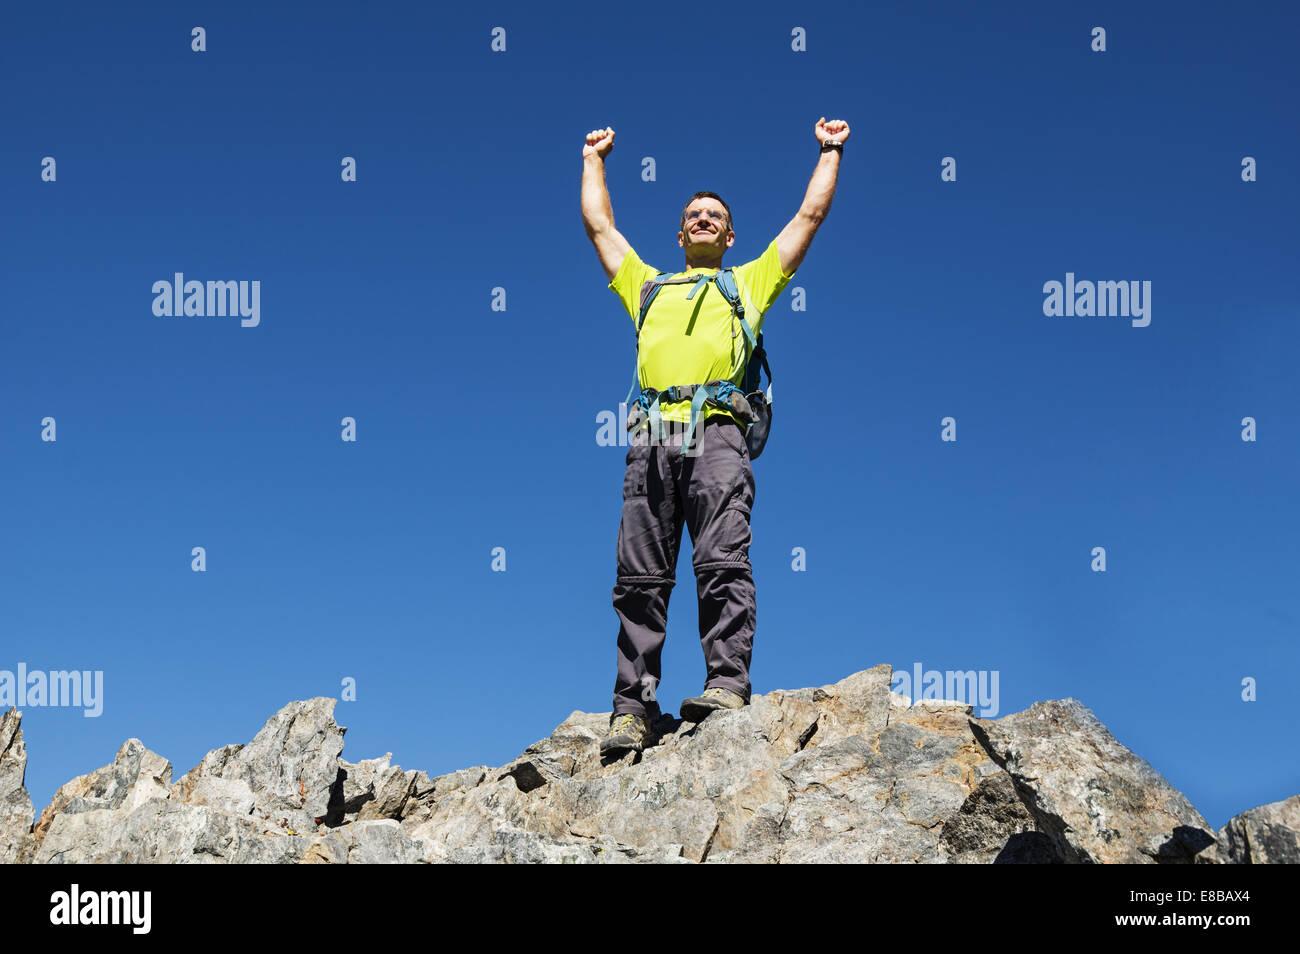 L'homme célèbre son succès au sommet du pic de Hurd en levant ses poings Photo Stock